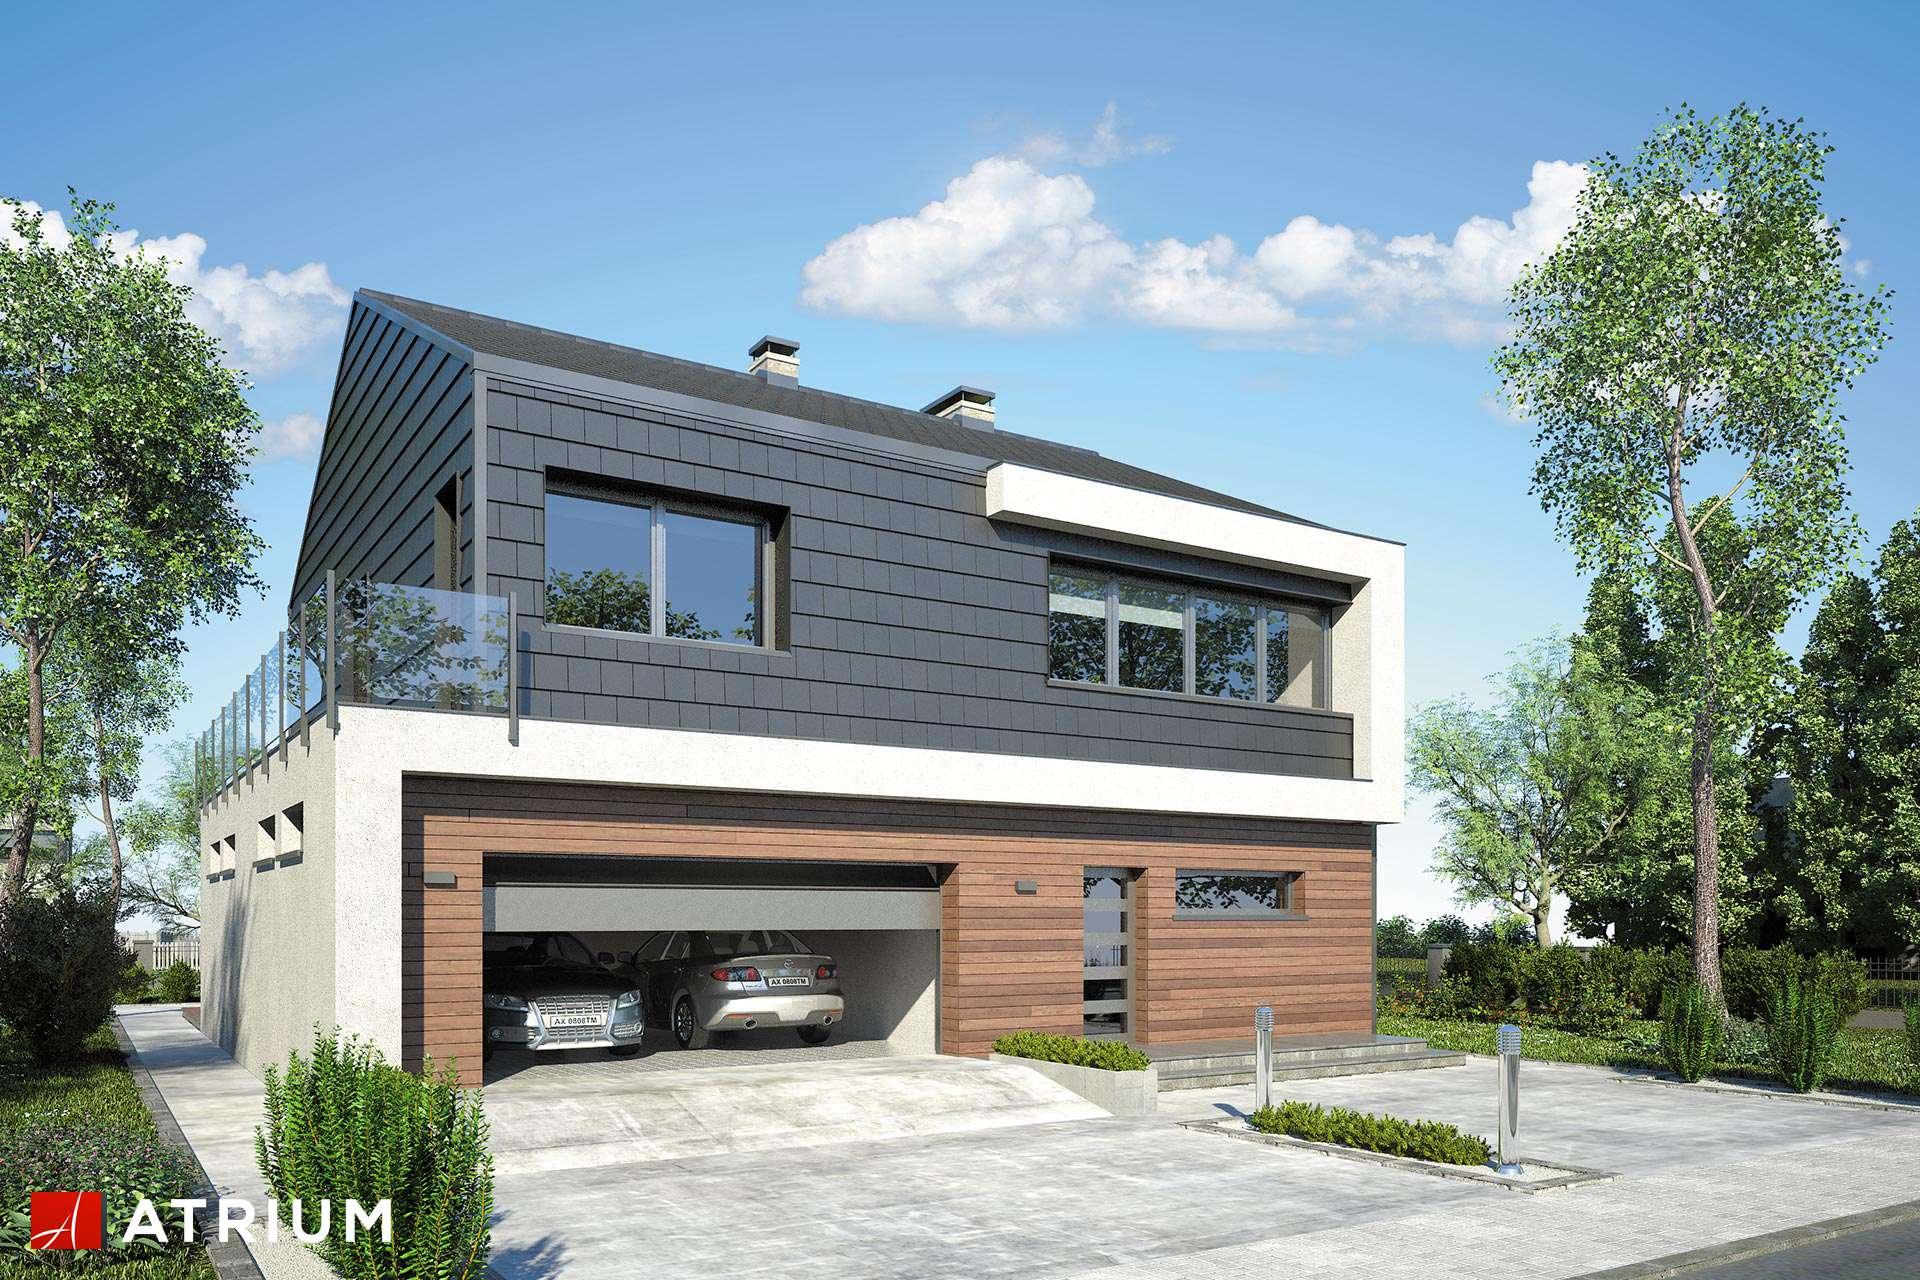 New House Nowoczesny Dom Pietrowy Z Dwuspadowym Dachem Studio Atrium